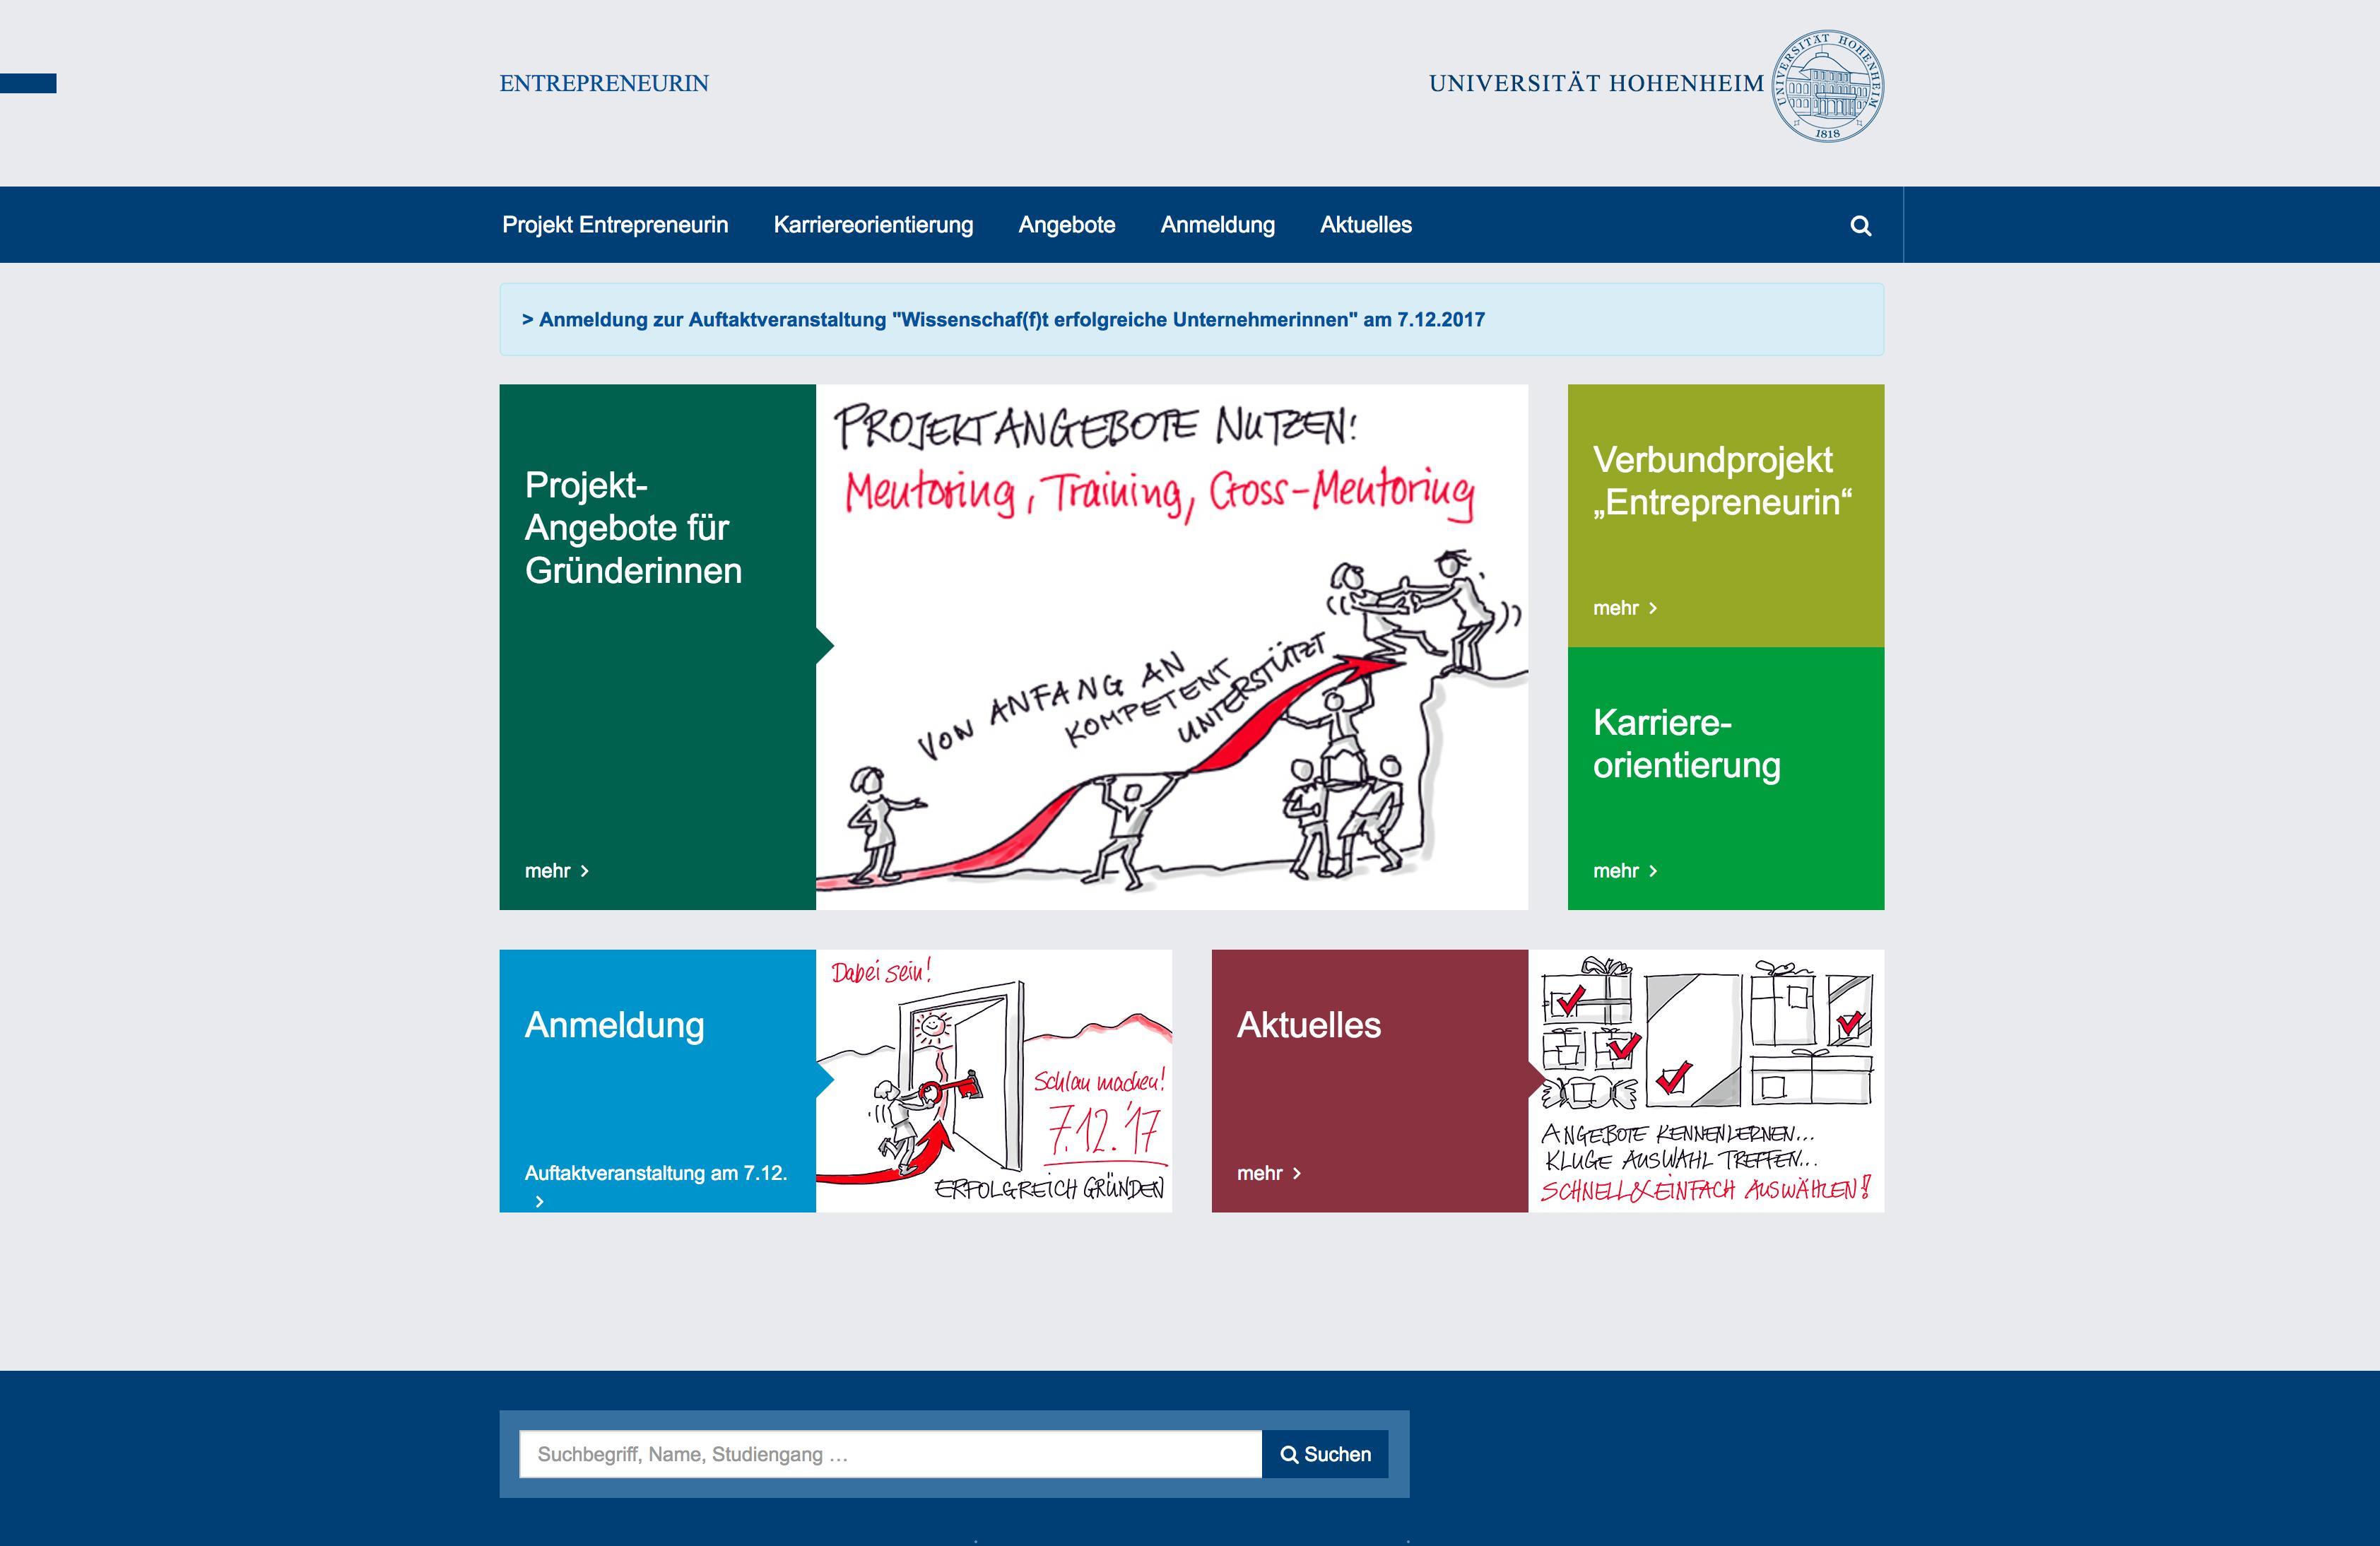 www.entrepreneurin.uni-hohenheim.de/startseite